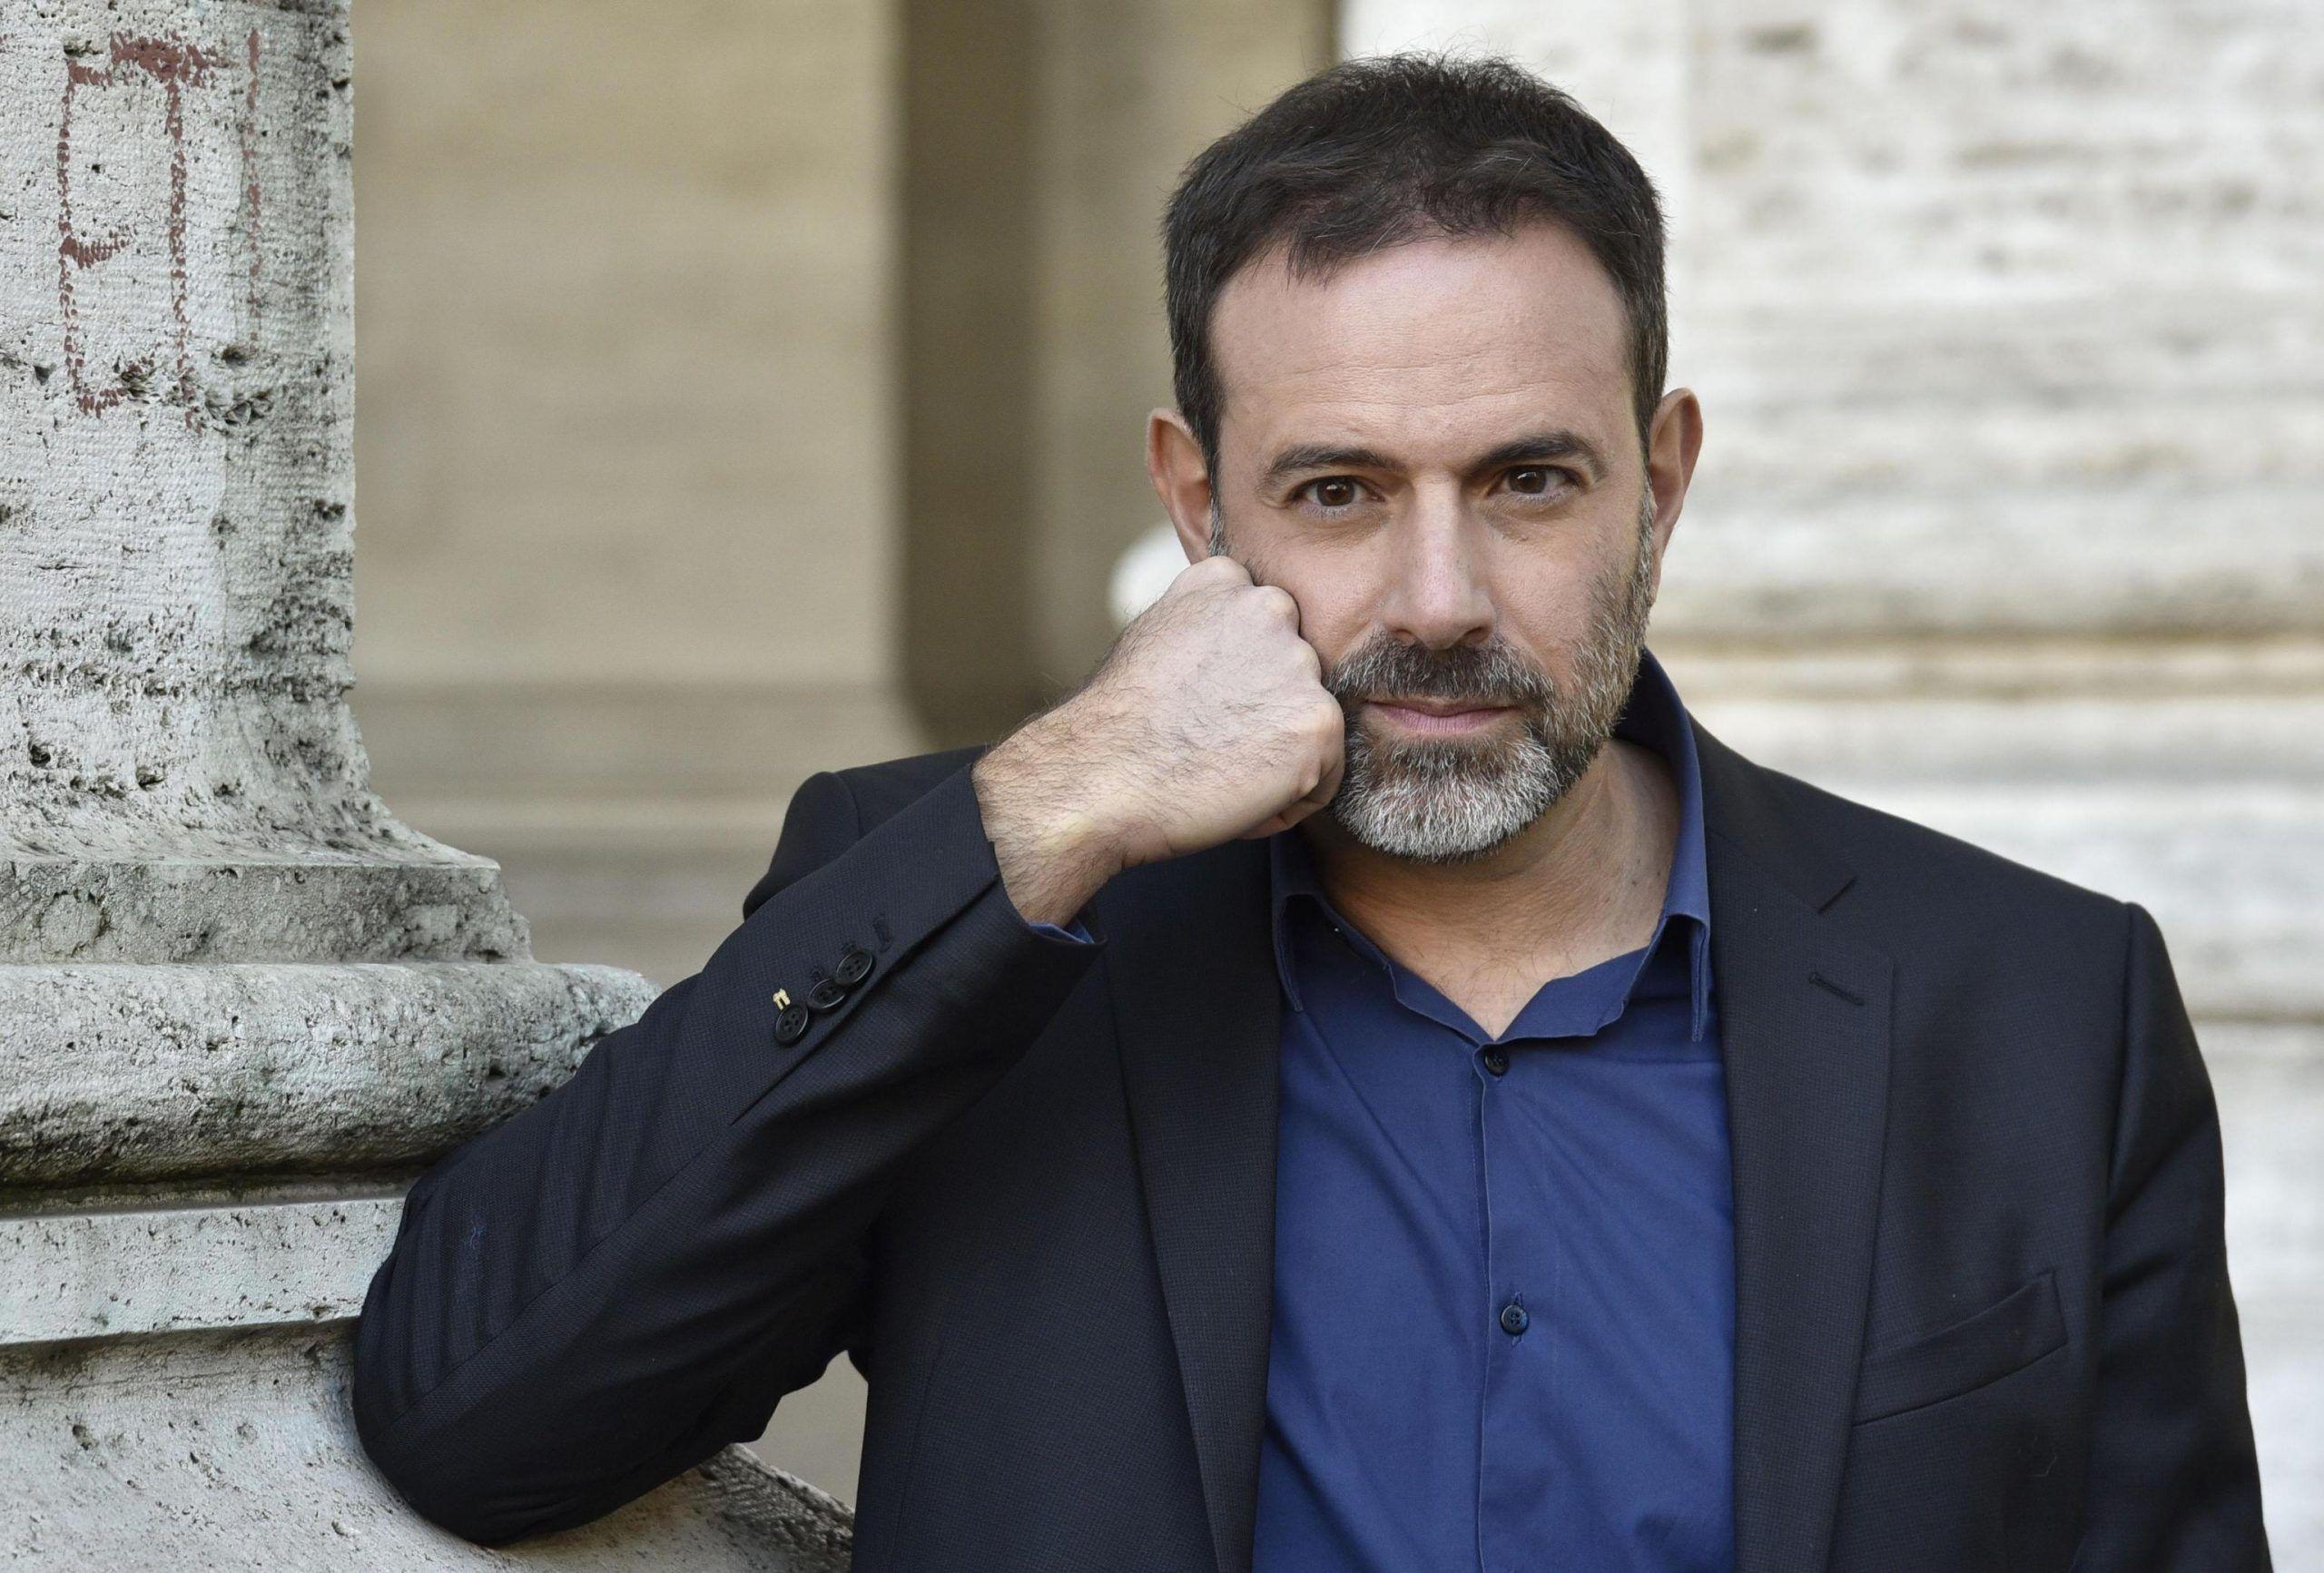 Fausto Brizzi: 'Non è molestia tentar di sedurre o approcciarsi ad una donna'